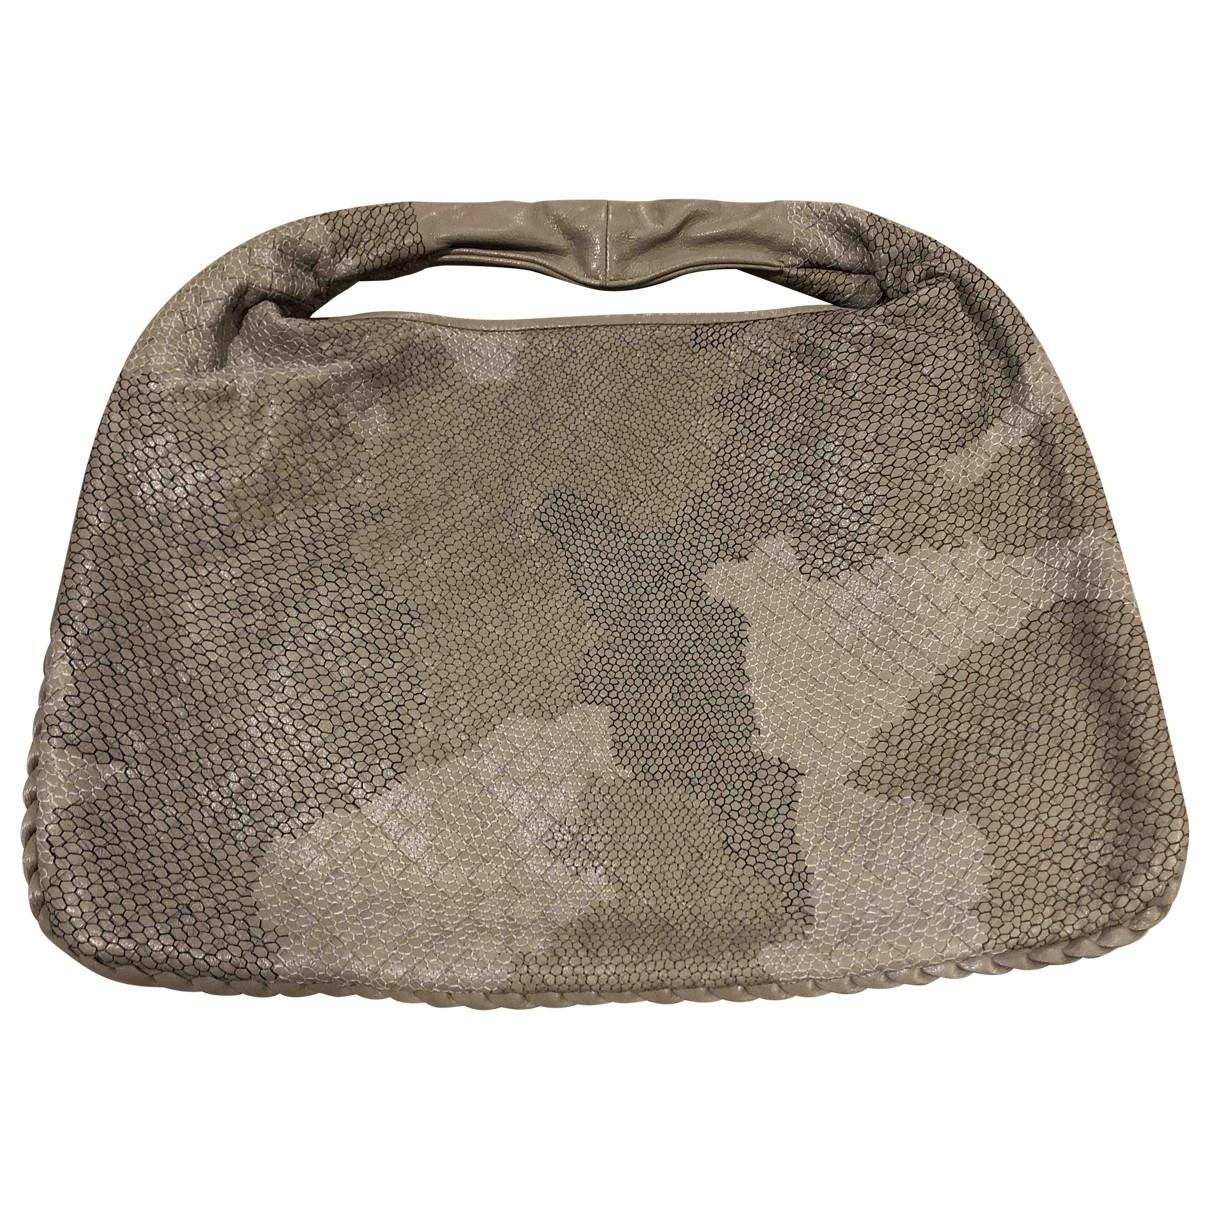 Bottega Veneta Veneta Beige Leather handbag for Women \N